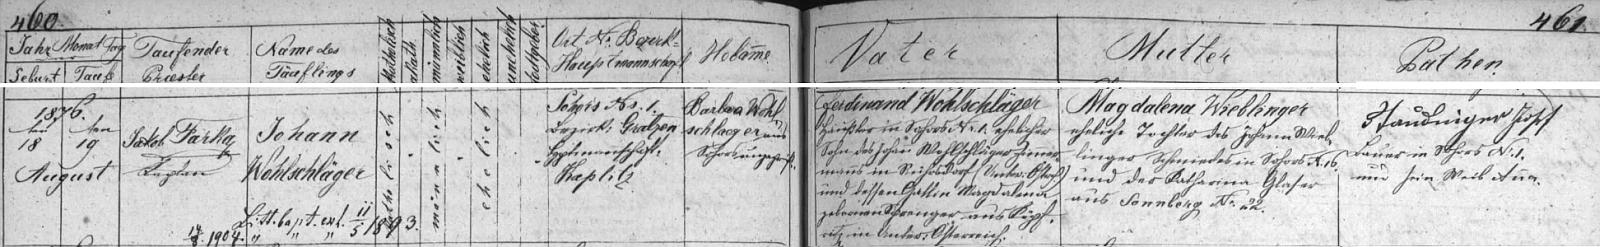 Záznam žumberské křestní matriky o narození dědově v Žáru čp. 1 Ferdinandu Wohlschlägerovi, jehož rodiče sem přišli z Dolních Rakous, a jeho ženě Magdaleně, dceři kováře v Žáru čp. 10 Johanna Wiblingera a Kathariny, roz. Glaserové ze Žáru čp. 22